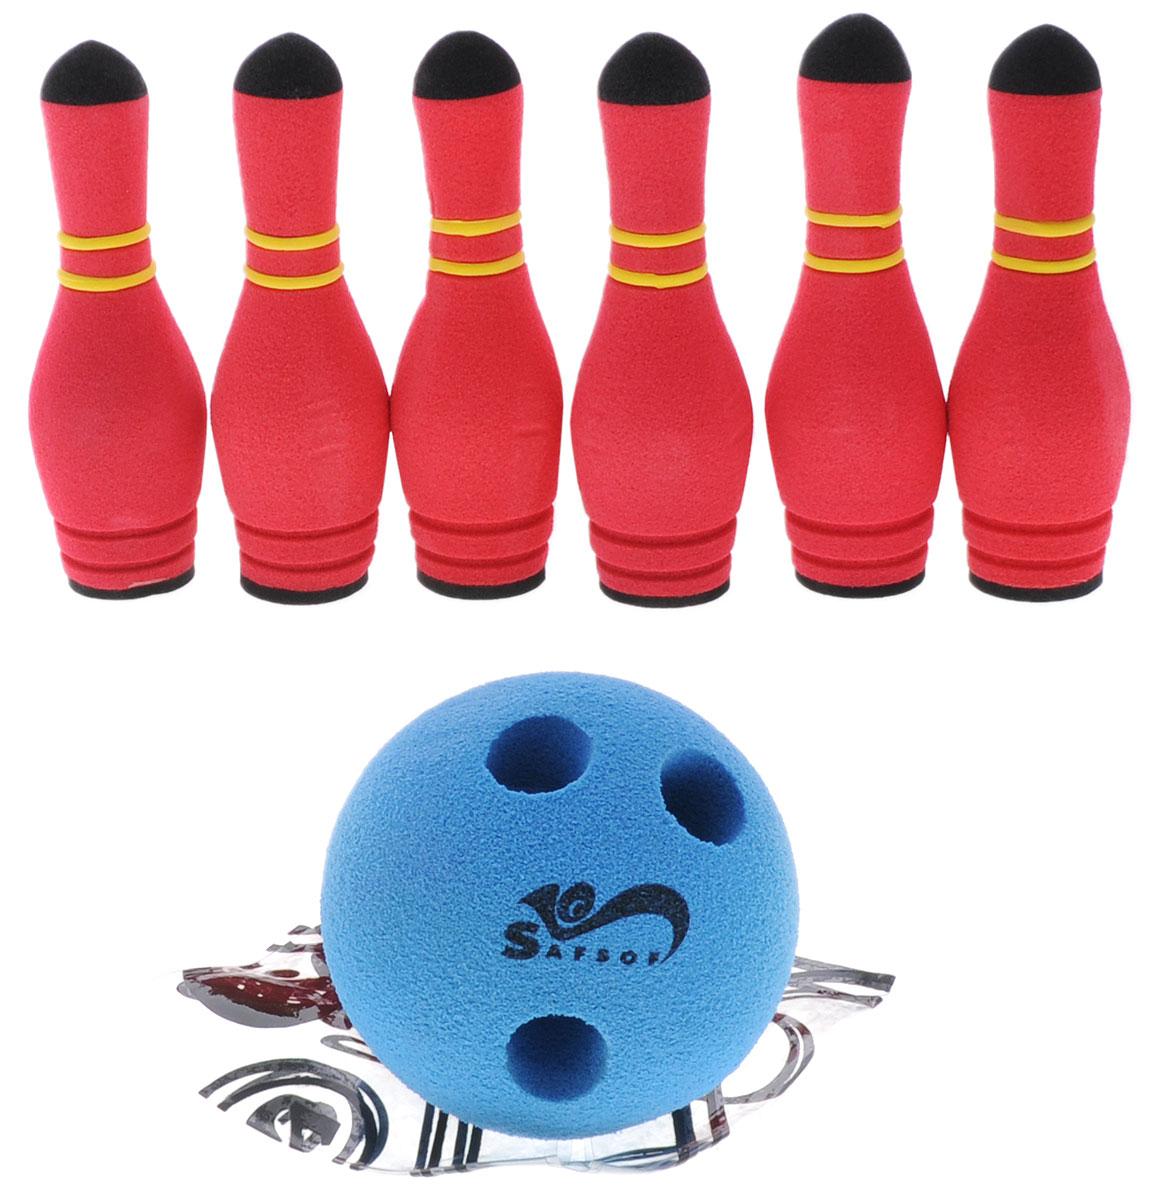 Safsof Игровой набор Мини-боулинг цвет малиновый синийMBB-05(B)_малиновый,синийИгровой набор Safsof Мини-боулинг, изготовленный из вспененной резины, состоит из шести кеглей, шара и рамки. Набор выполнен из мягкого материала, что обеспечивает безопасность ребенку. Суть игры в боулинг - сбить шаром максимальное количество кеглей. Число игроков и количество туров - произвольное. Очки, набранные с каждым броском мяча, рассматриваются как количество сбитых кегель. Расстояние, с которого совершается бросок, определяется игроками. Каждый игрок имеет право на два броска в одной рамке (рамка - треугольник, на поле которого выстраиваются кегли перед каждым первым броском очередного игрока). Бросок, при котором все кегли сбиты, называется страйк и обозначается, как Х. Если все кегли сбиты первым броском, второй бросок не требуется: рамка считается закрытой. Призовые очки за страйк - это сумма кеглей, сбитых игроком следующими двумя бросками. Выигрывает тот игрок, кто в сумме набирает больше очков.